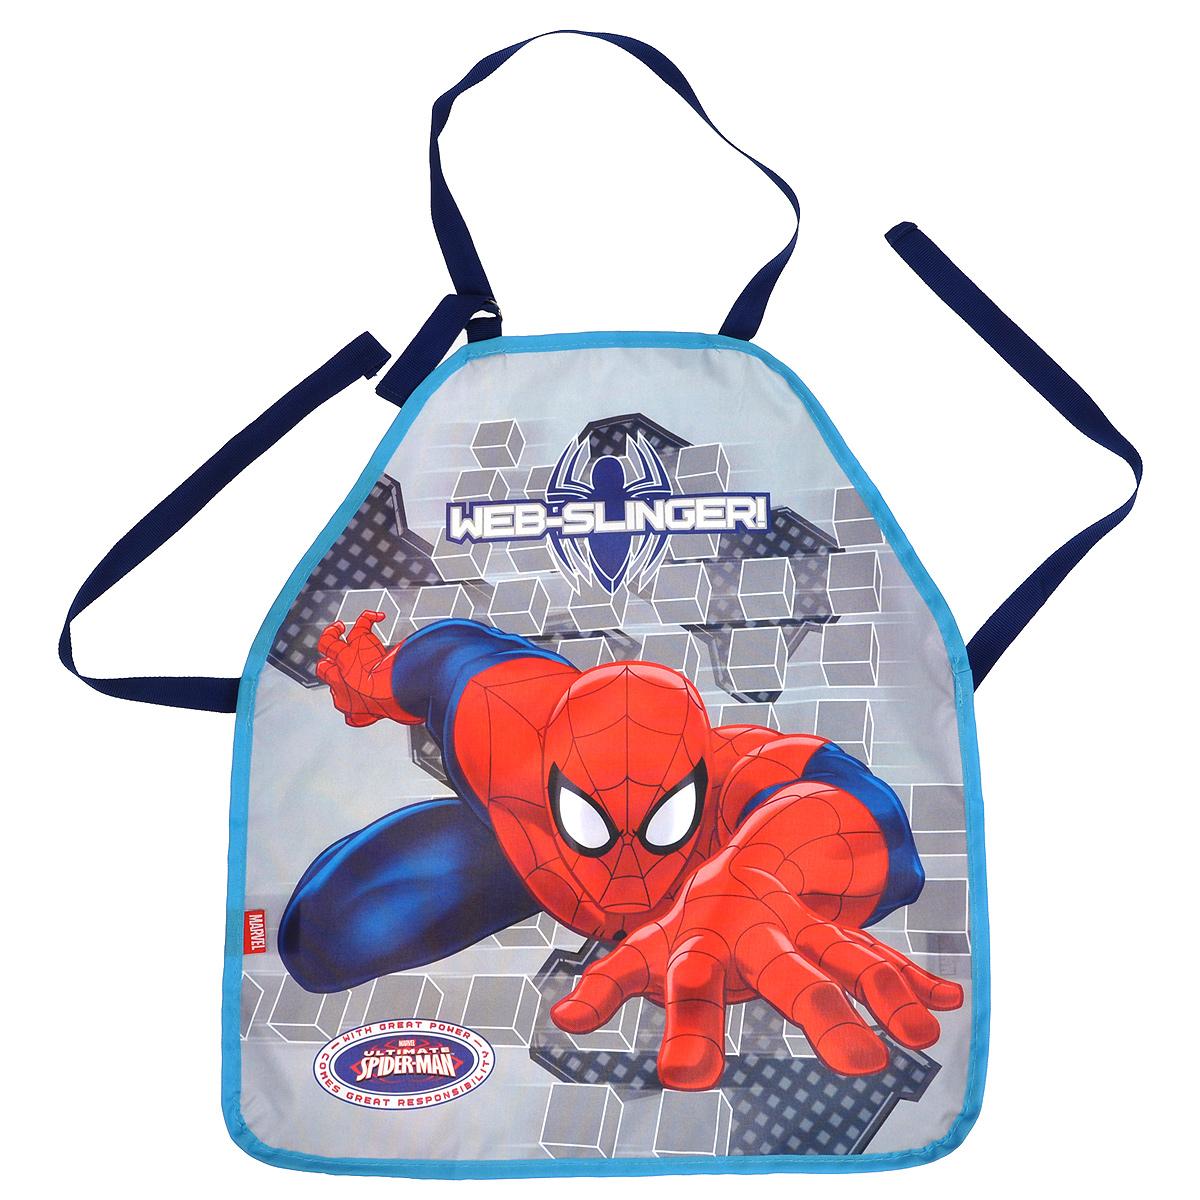 Фартук Размер 51 х 44 см. Spider-man Classic. Размер упаковки: 27 х 16,5 х 0,5 см.SMBB-UT2-029MДетский фартук – очень полезный аксессуар для занятий творчеством в детском саду и уроков труда в начальной школе. Практичные и красочные, они порадуют своих юных хозяев и их родителей.